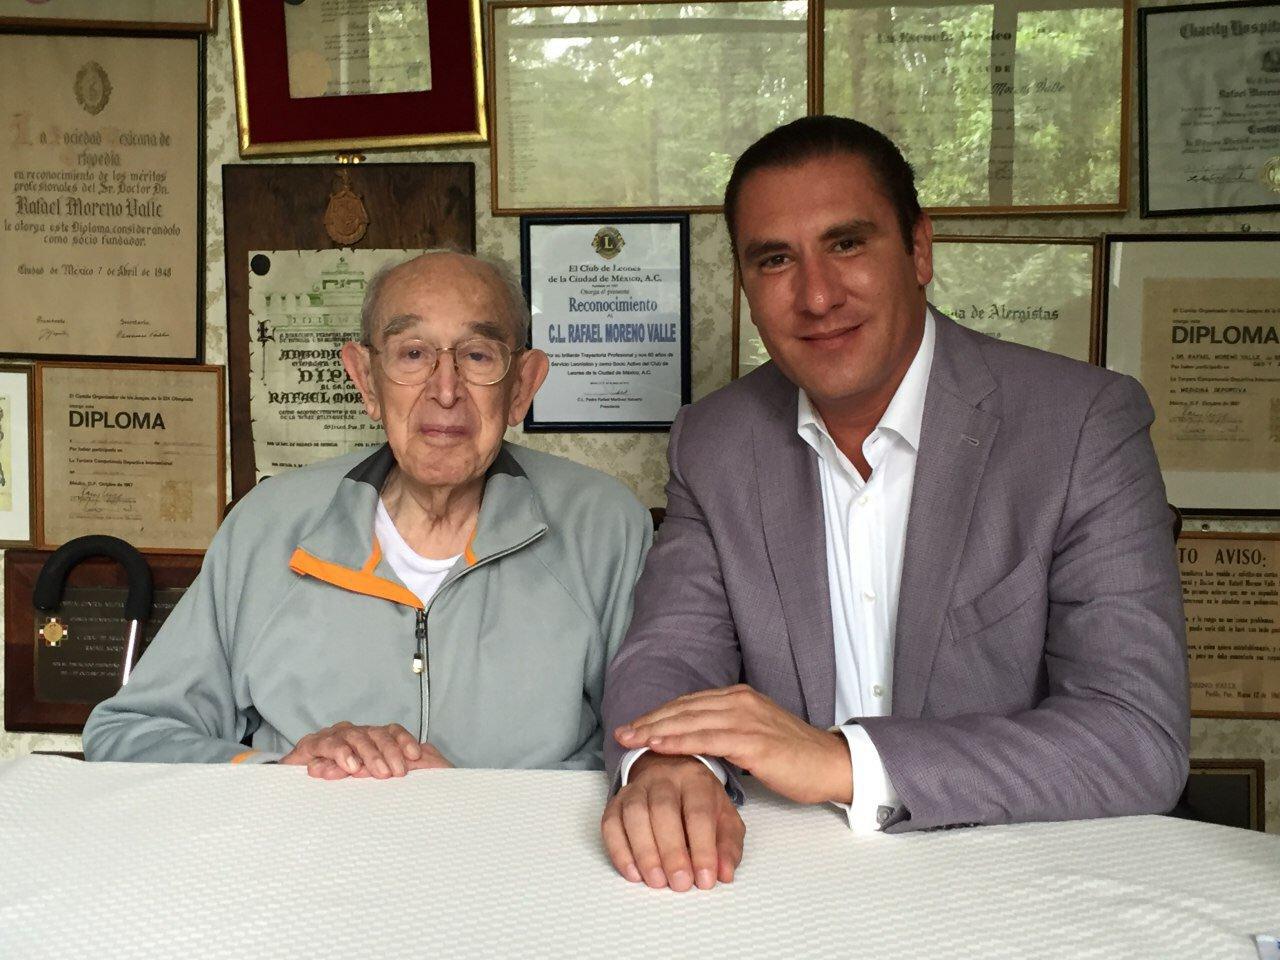 El senador con su abuelo, quien también fue gobernador de Puebla (Foto: Twitter Rafael Moreno Valle)